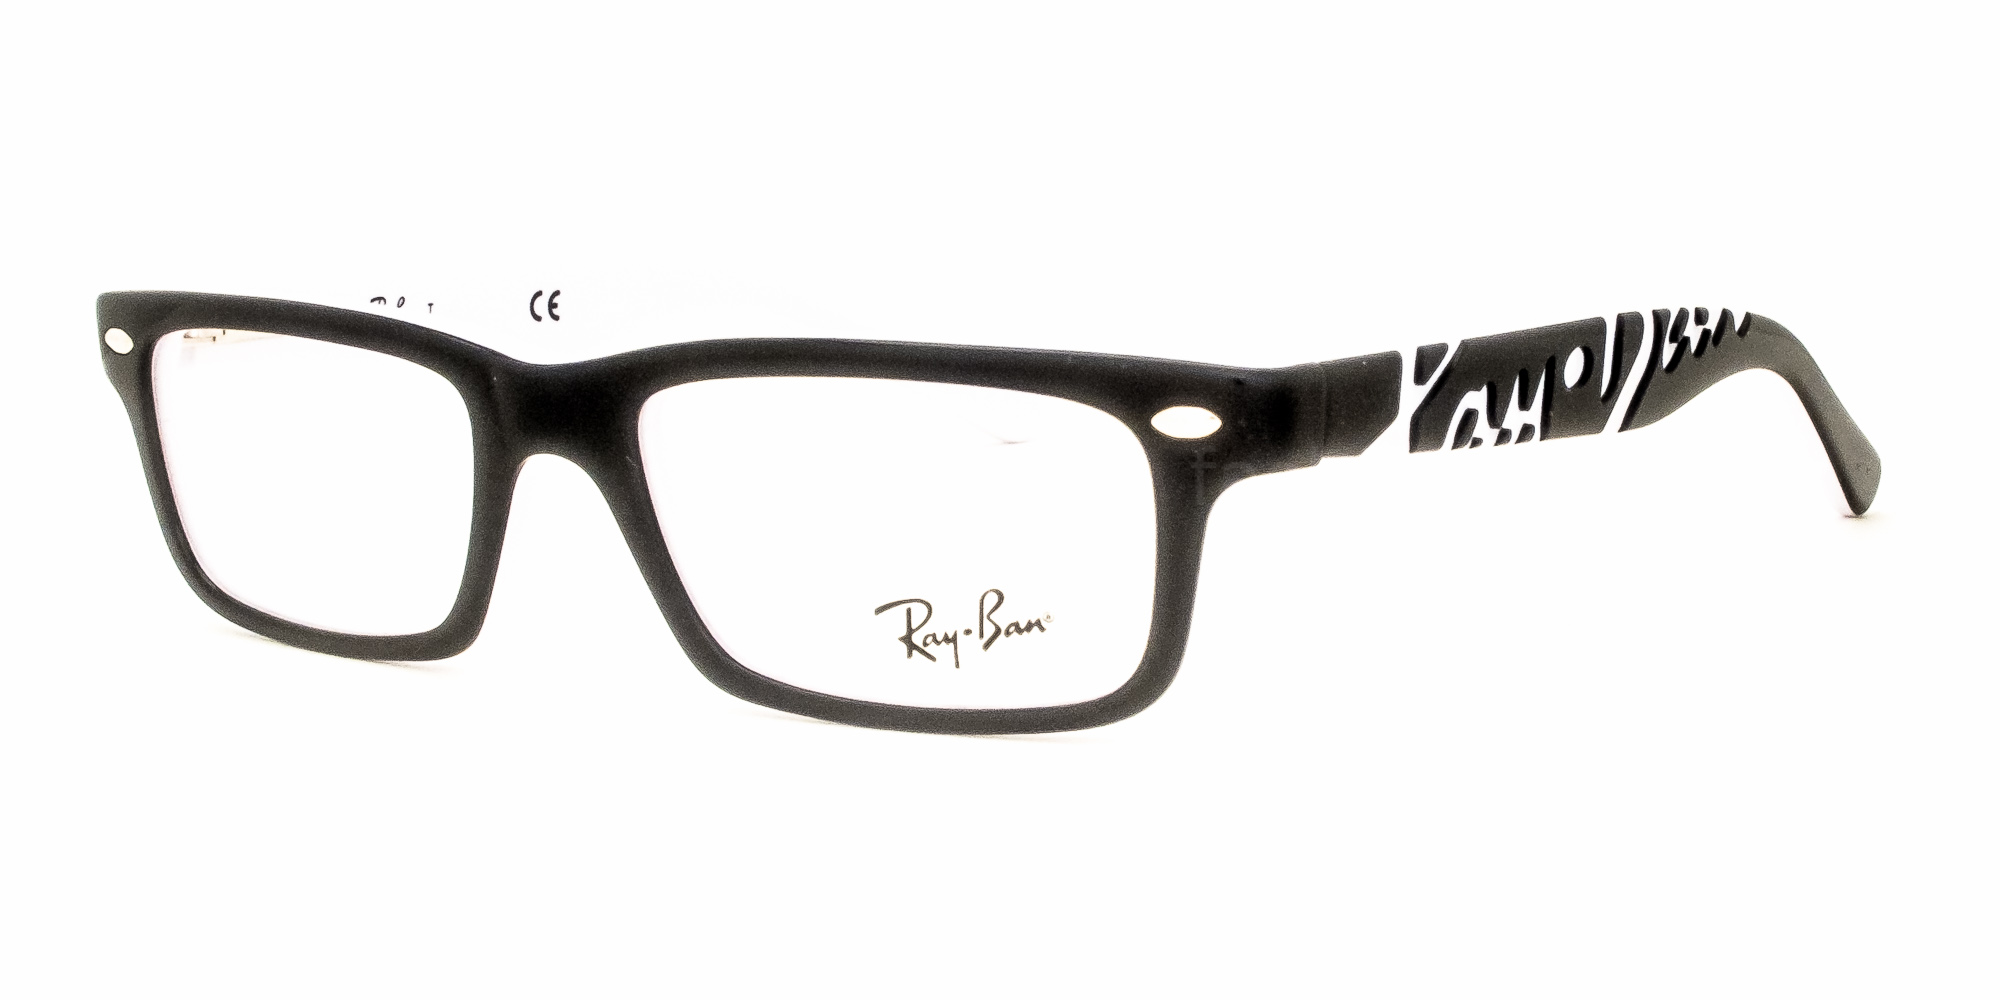 8c534f9215200 Junior Ray Ban Eyeglasses Repair « Heritage Malta